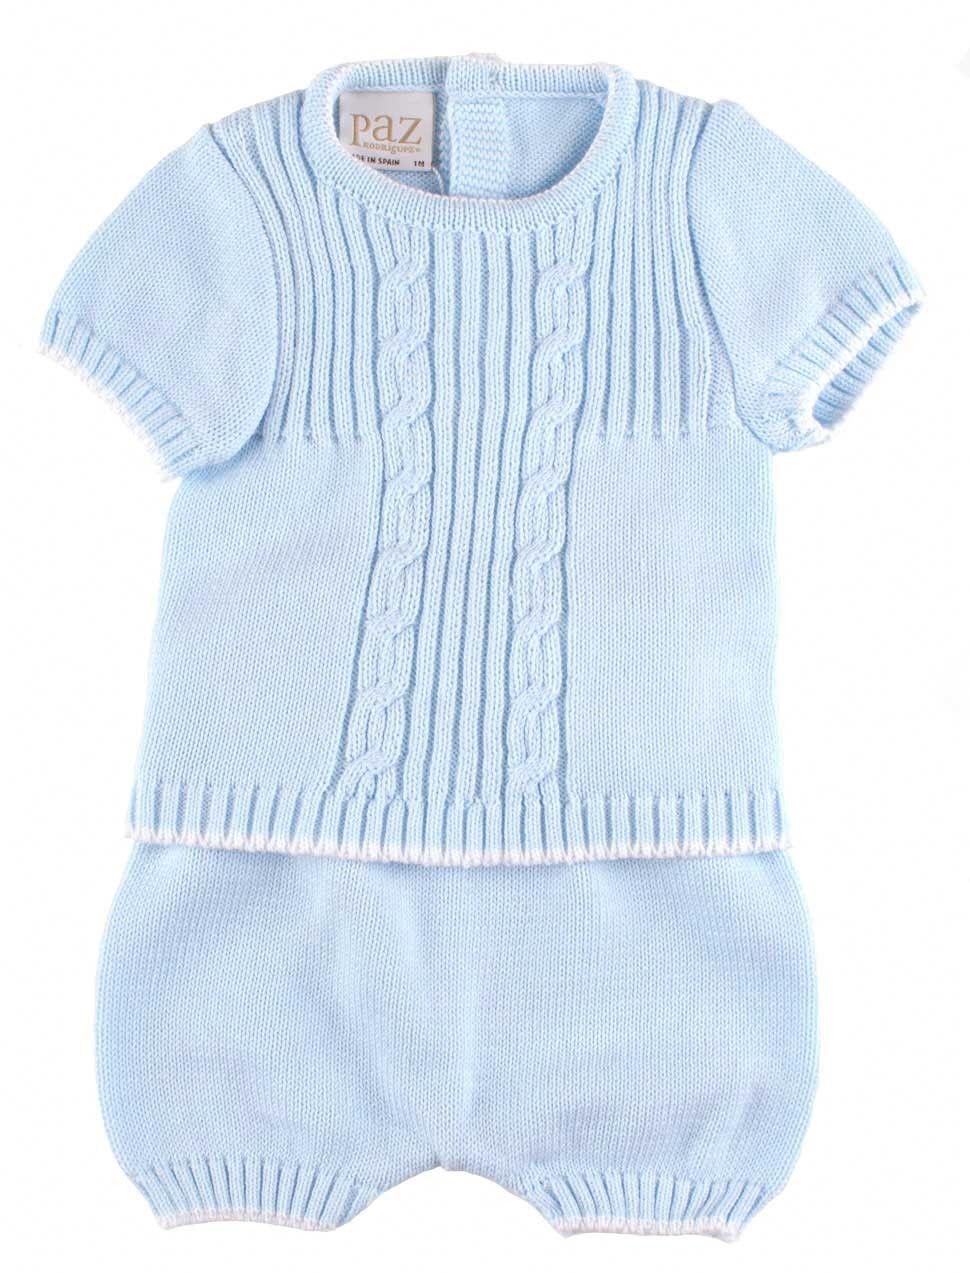 1f01b7902 Baby boy newborn summer suit. Babypakje lichtblauw.